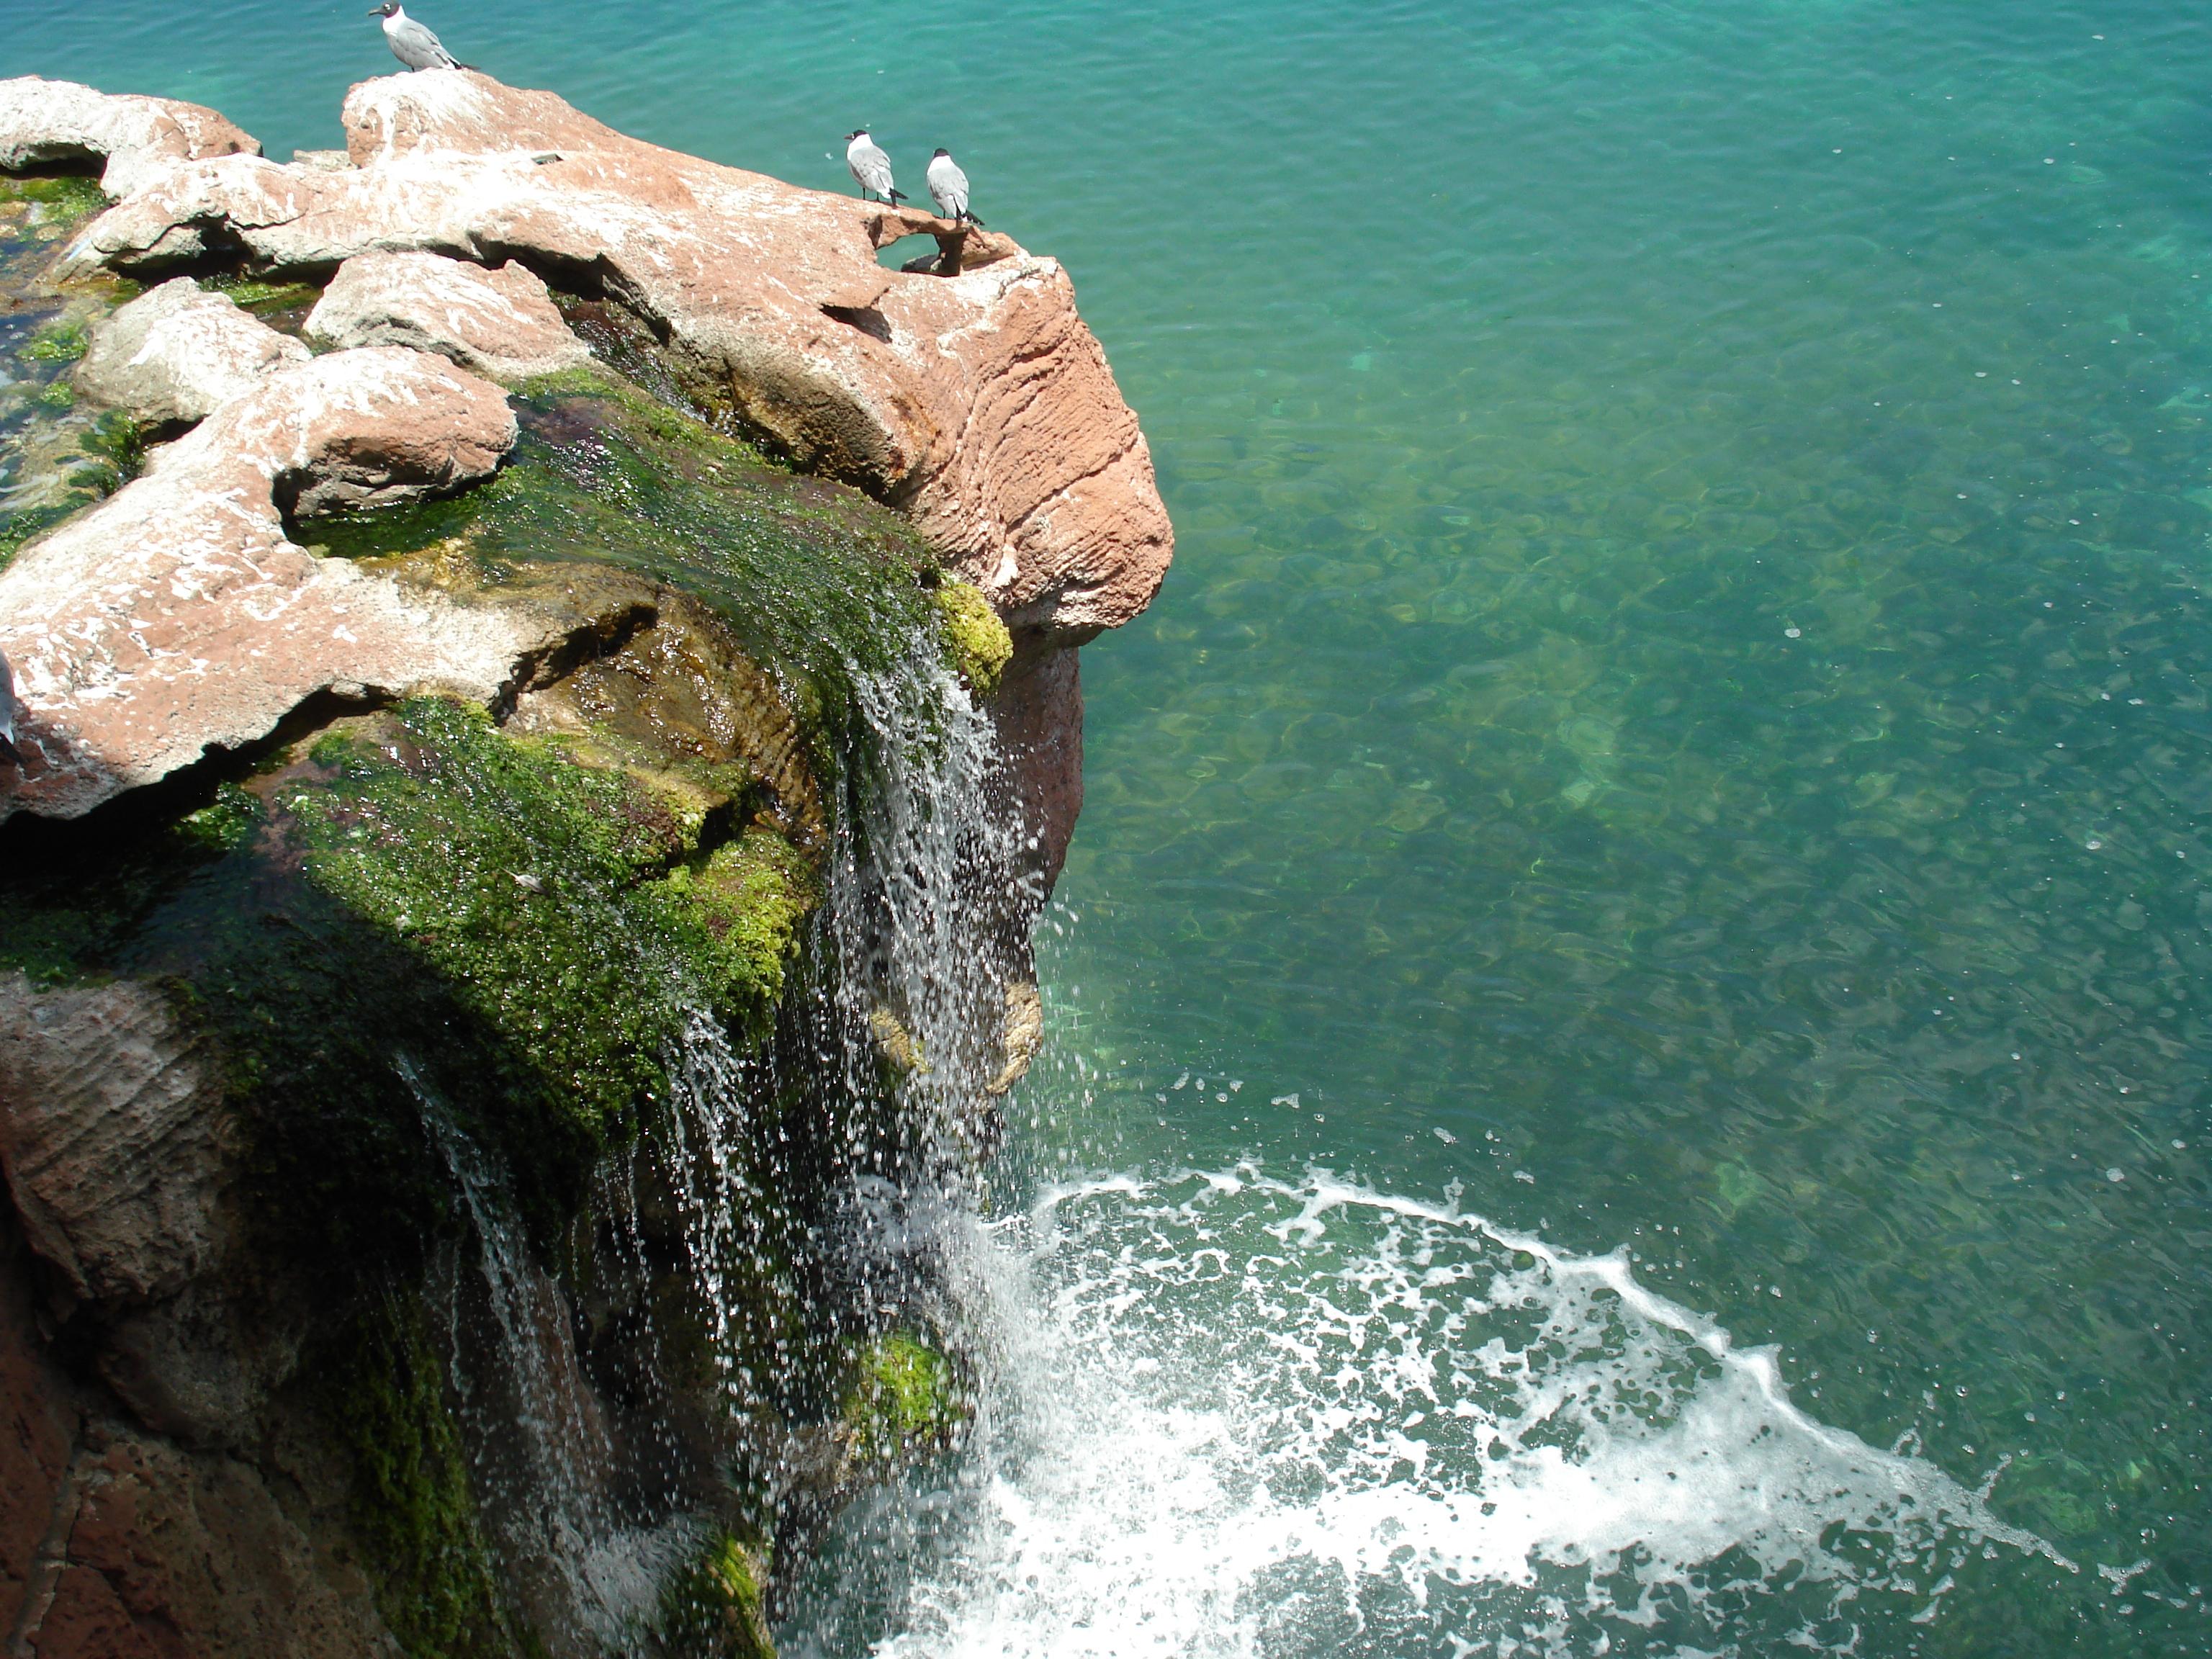 Atlantis Resort, Bahamas by ADQuatt